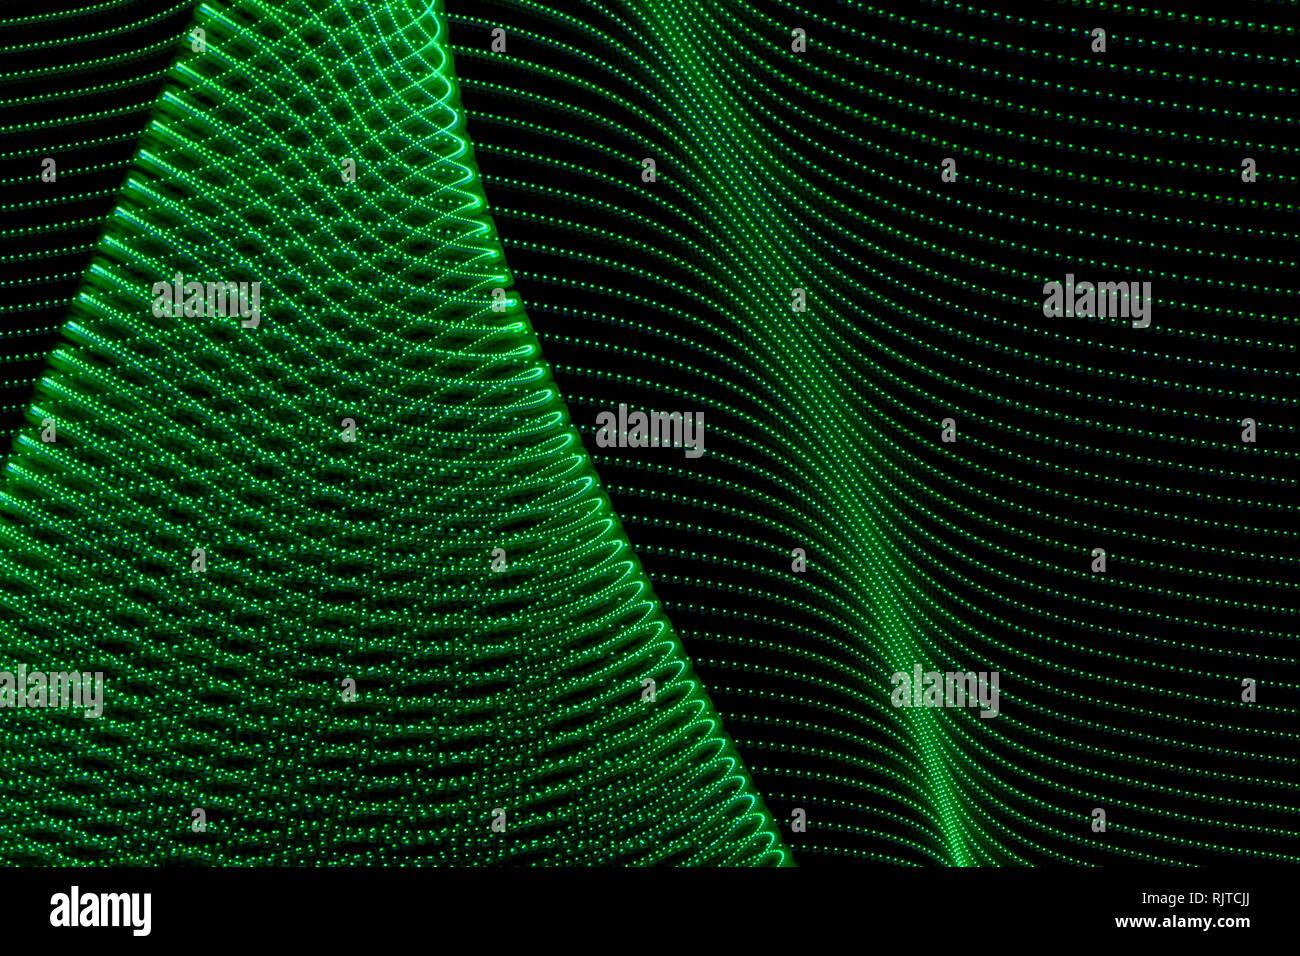 Résumé des lignes courbes de couleurs vert. Concept d'énergie renouvelable ou l'énergie verte. L'art abstrait avec des lumières Banque D'Images